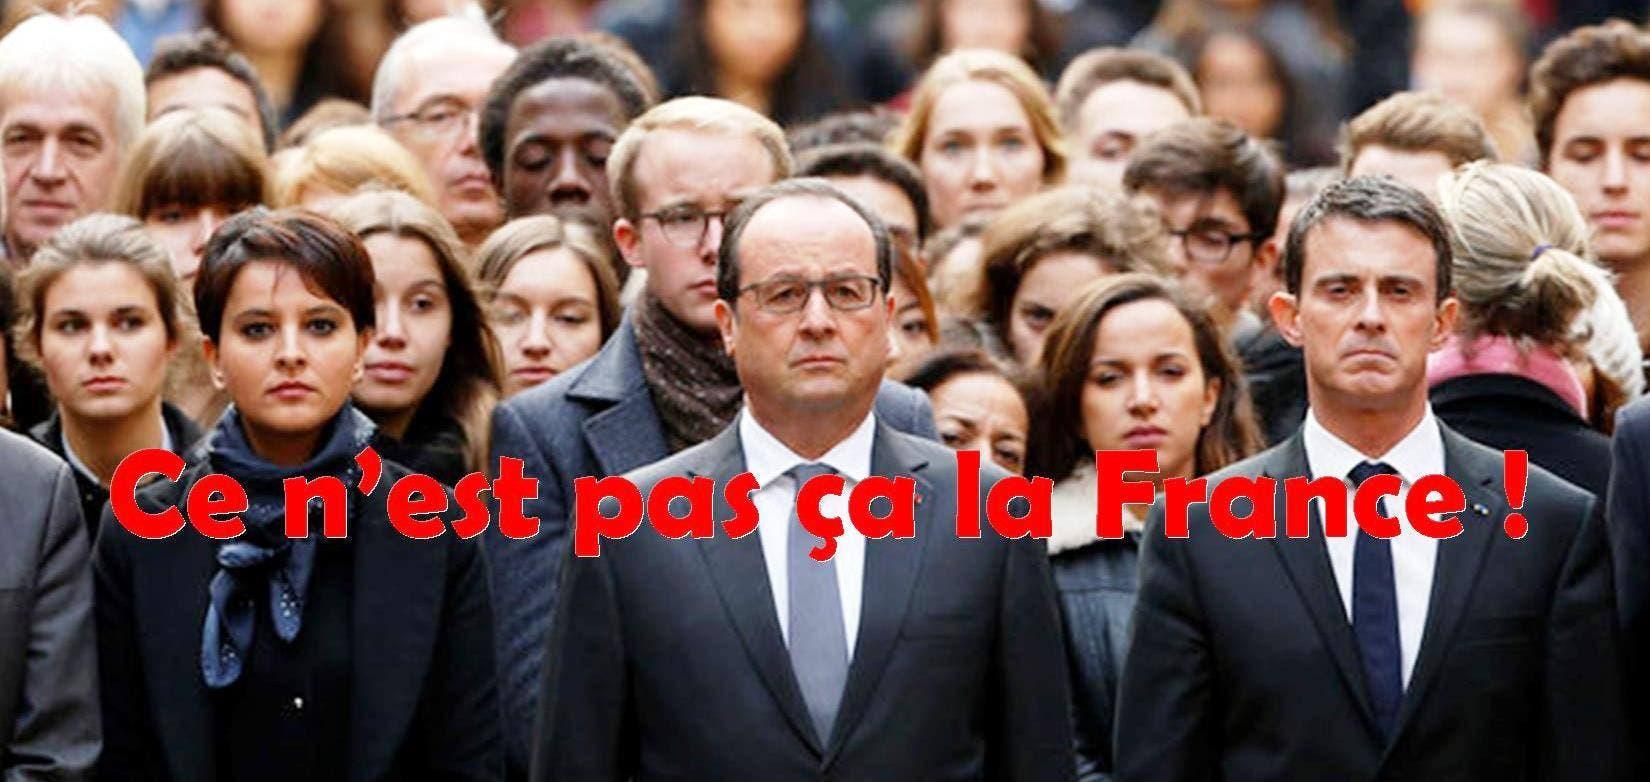 ce n'est pas ça la France